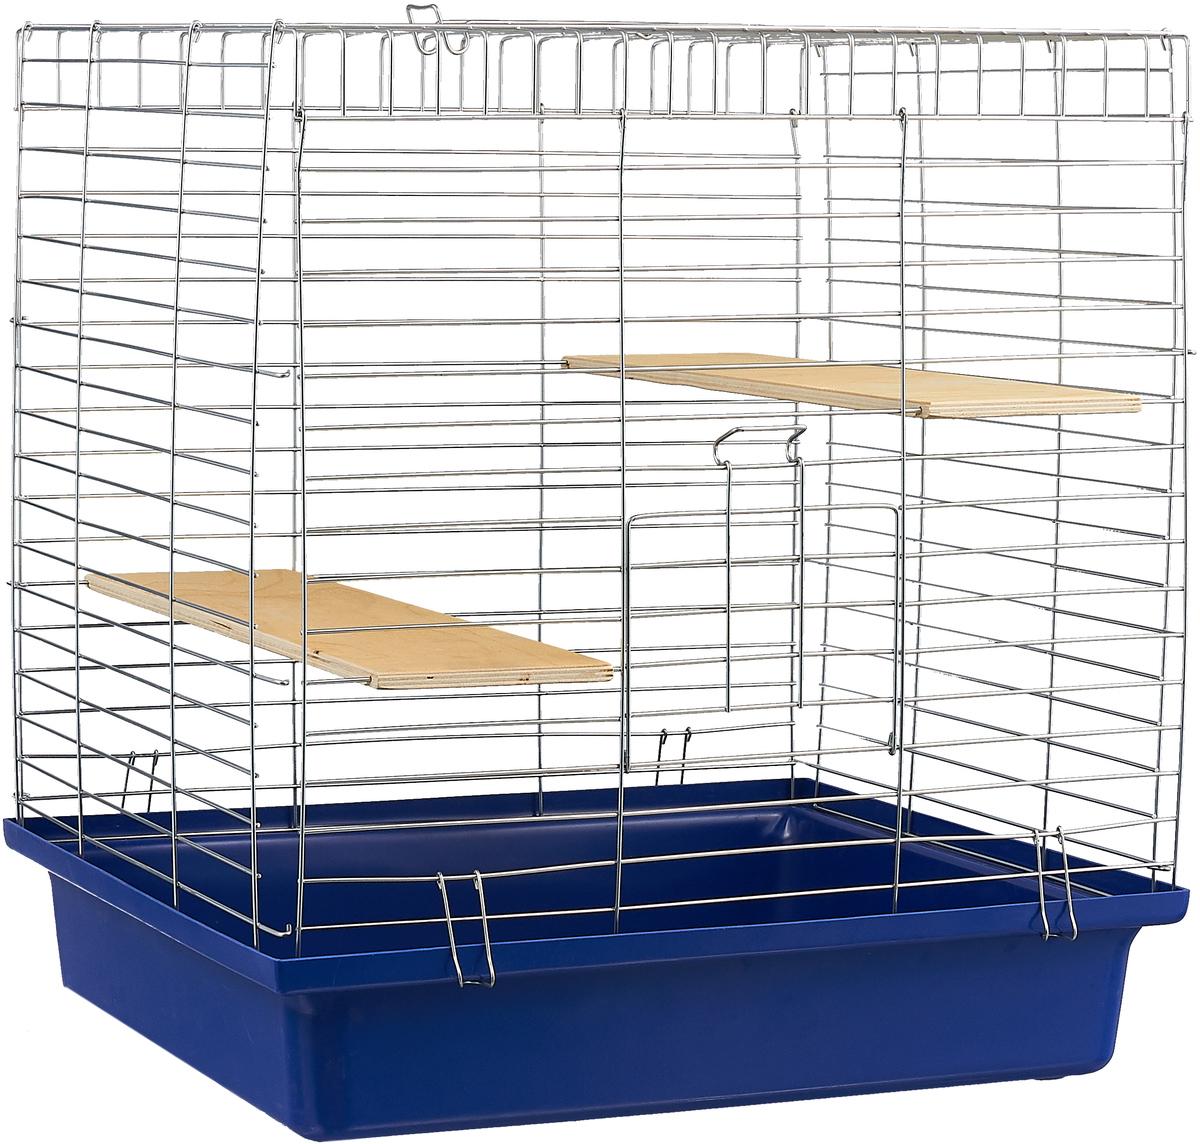 Клетка для шиншилл Велес Lusy Jerry, разборная, цвет: темно-синий, 56 х 50 х 60 см клетка для грызунов велес с полками цвет серый 40 х 58 х 45 см